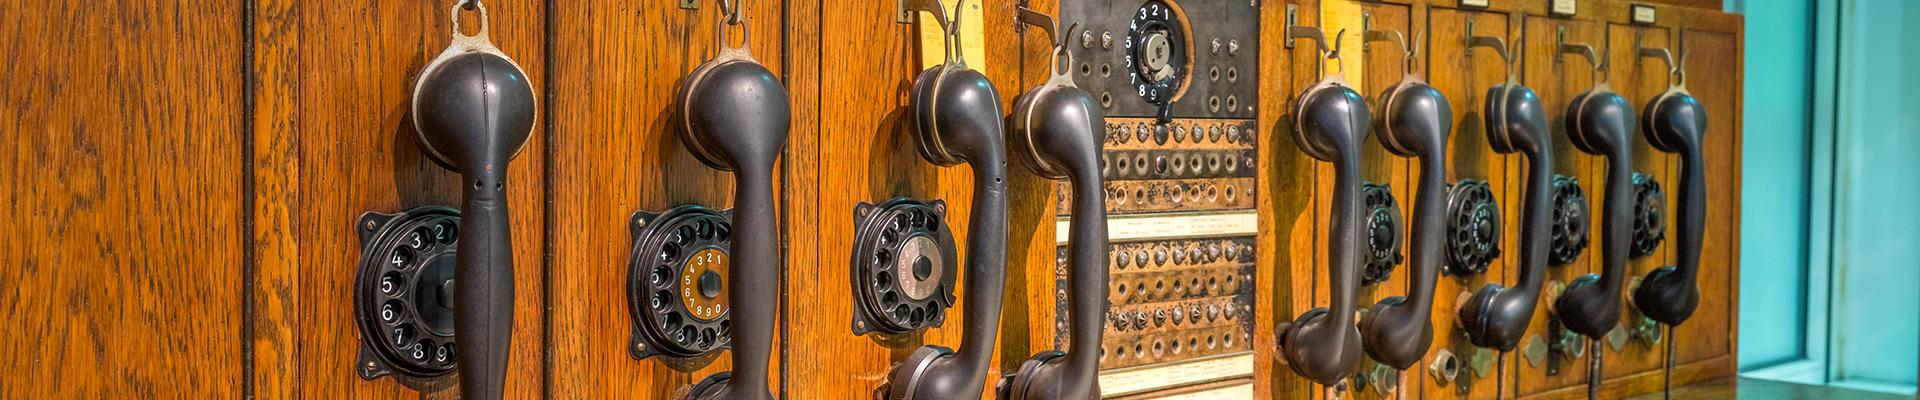 Telefonanlagen & IP-Telefonie